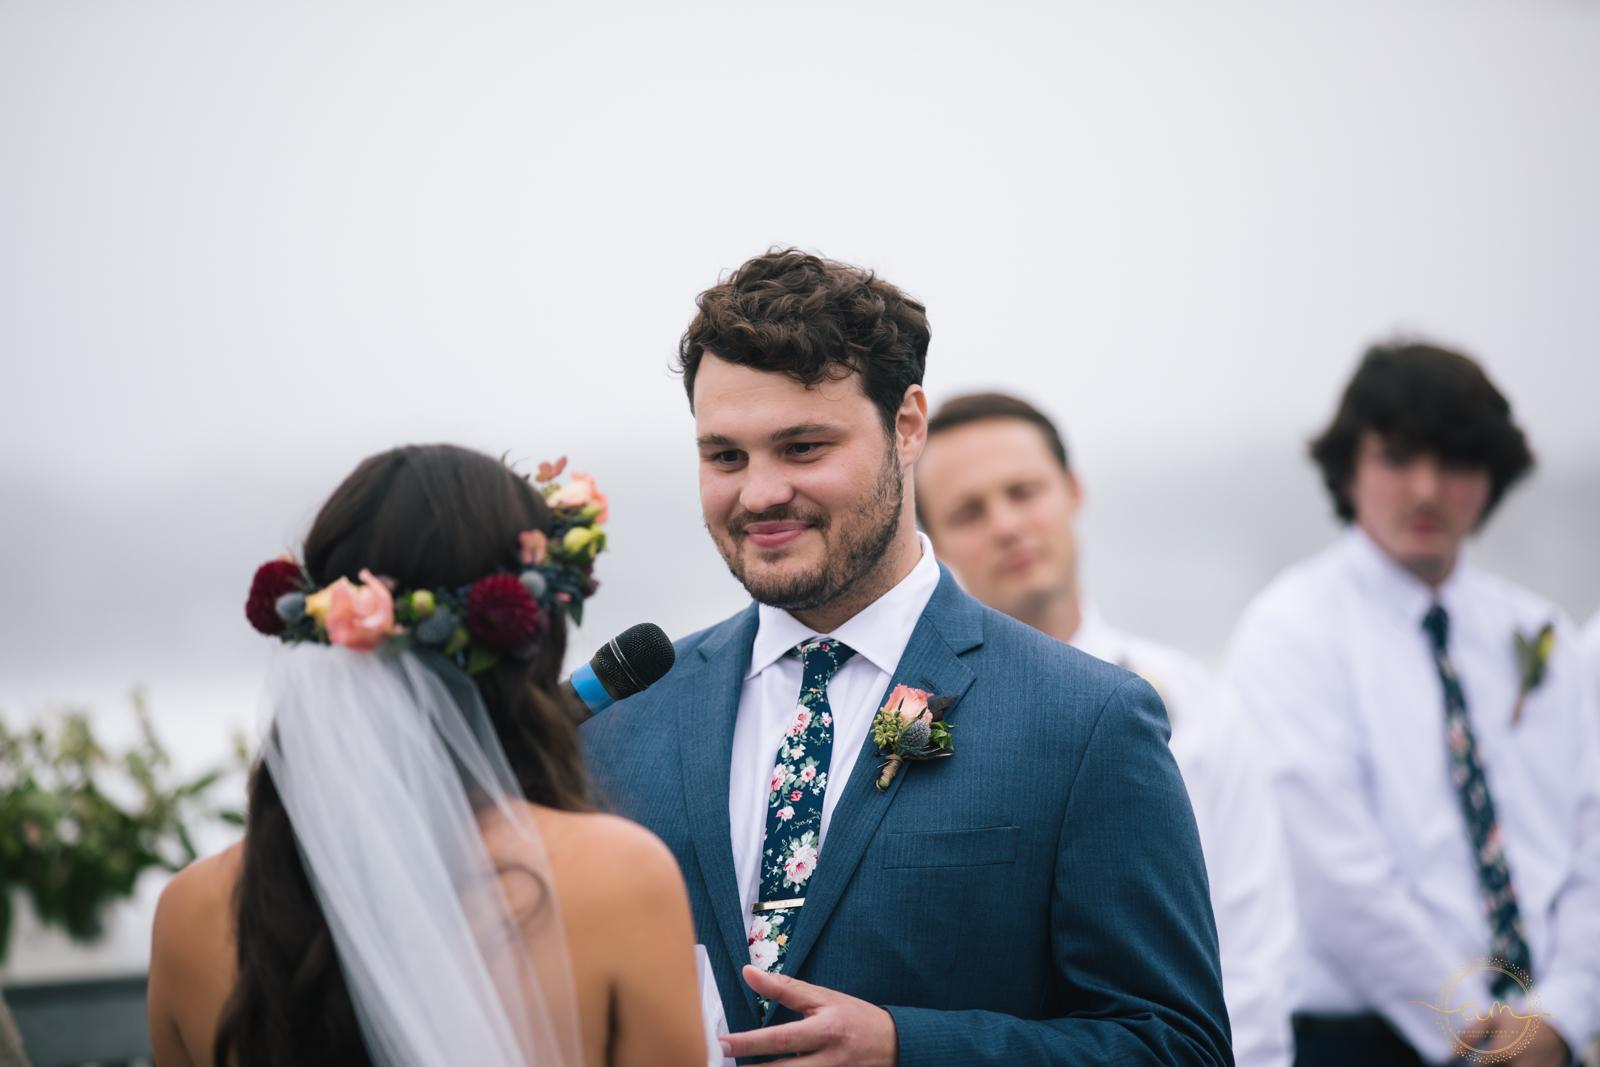 Narragansett-RI-Beach-Wedding-Amanda-Morgan-53.jpg